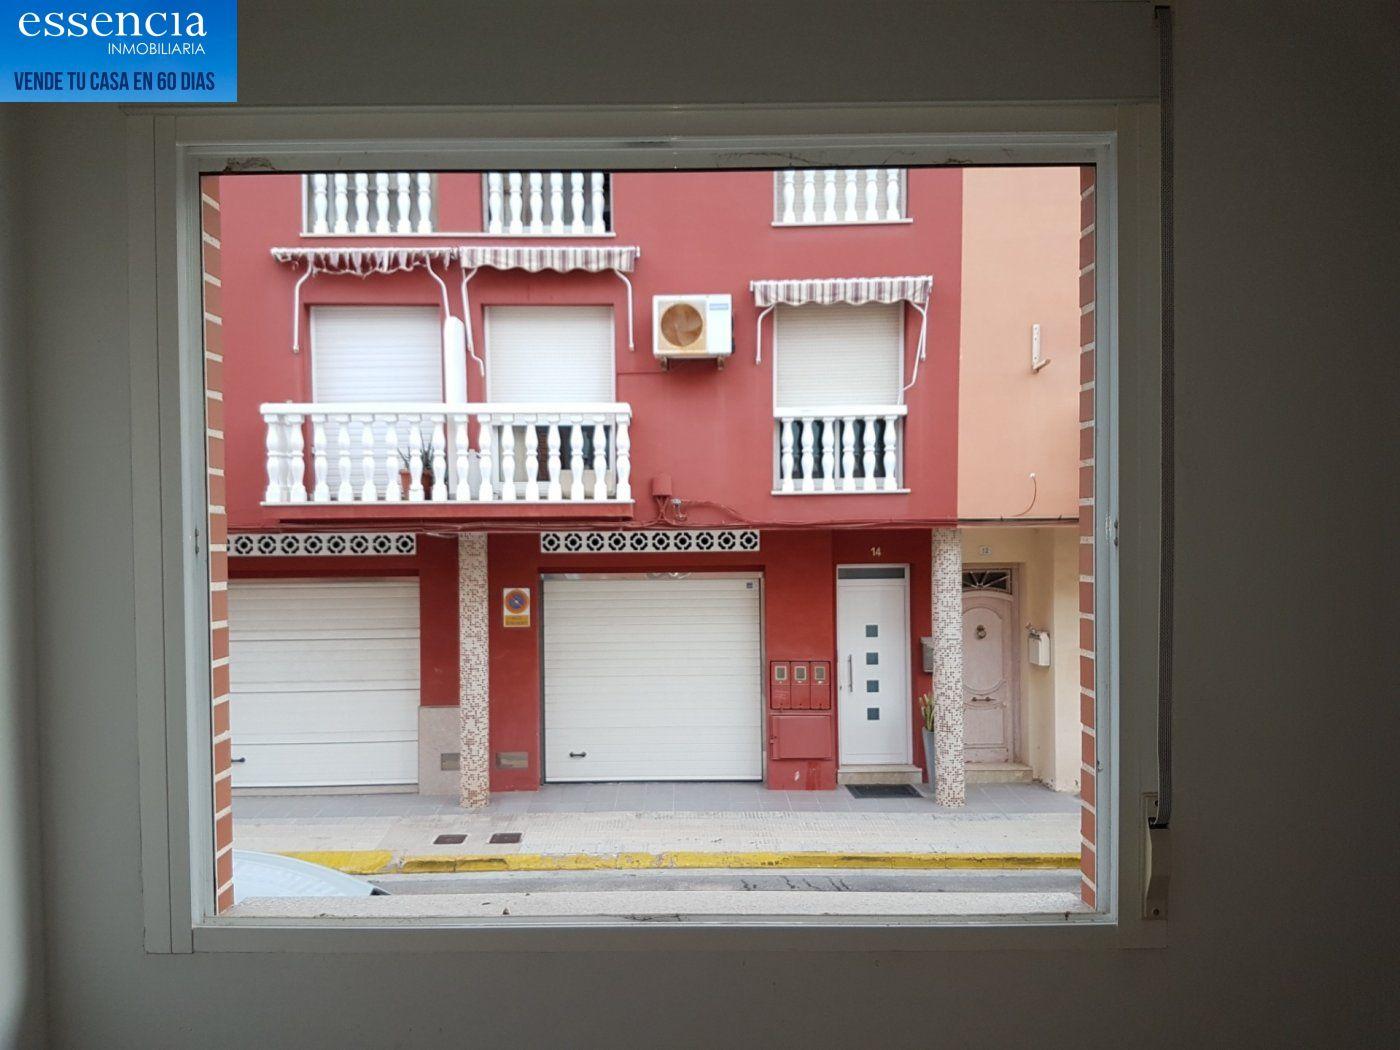 Piso en entresuelo de 2 dormitorios y 1 baño con patio - imagenInmueble19